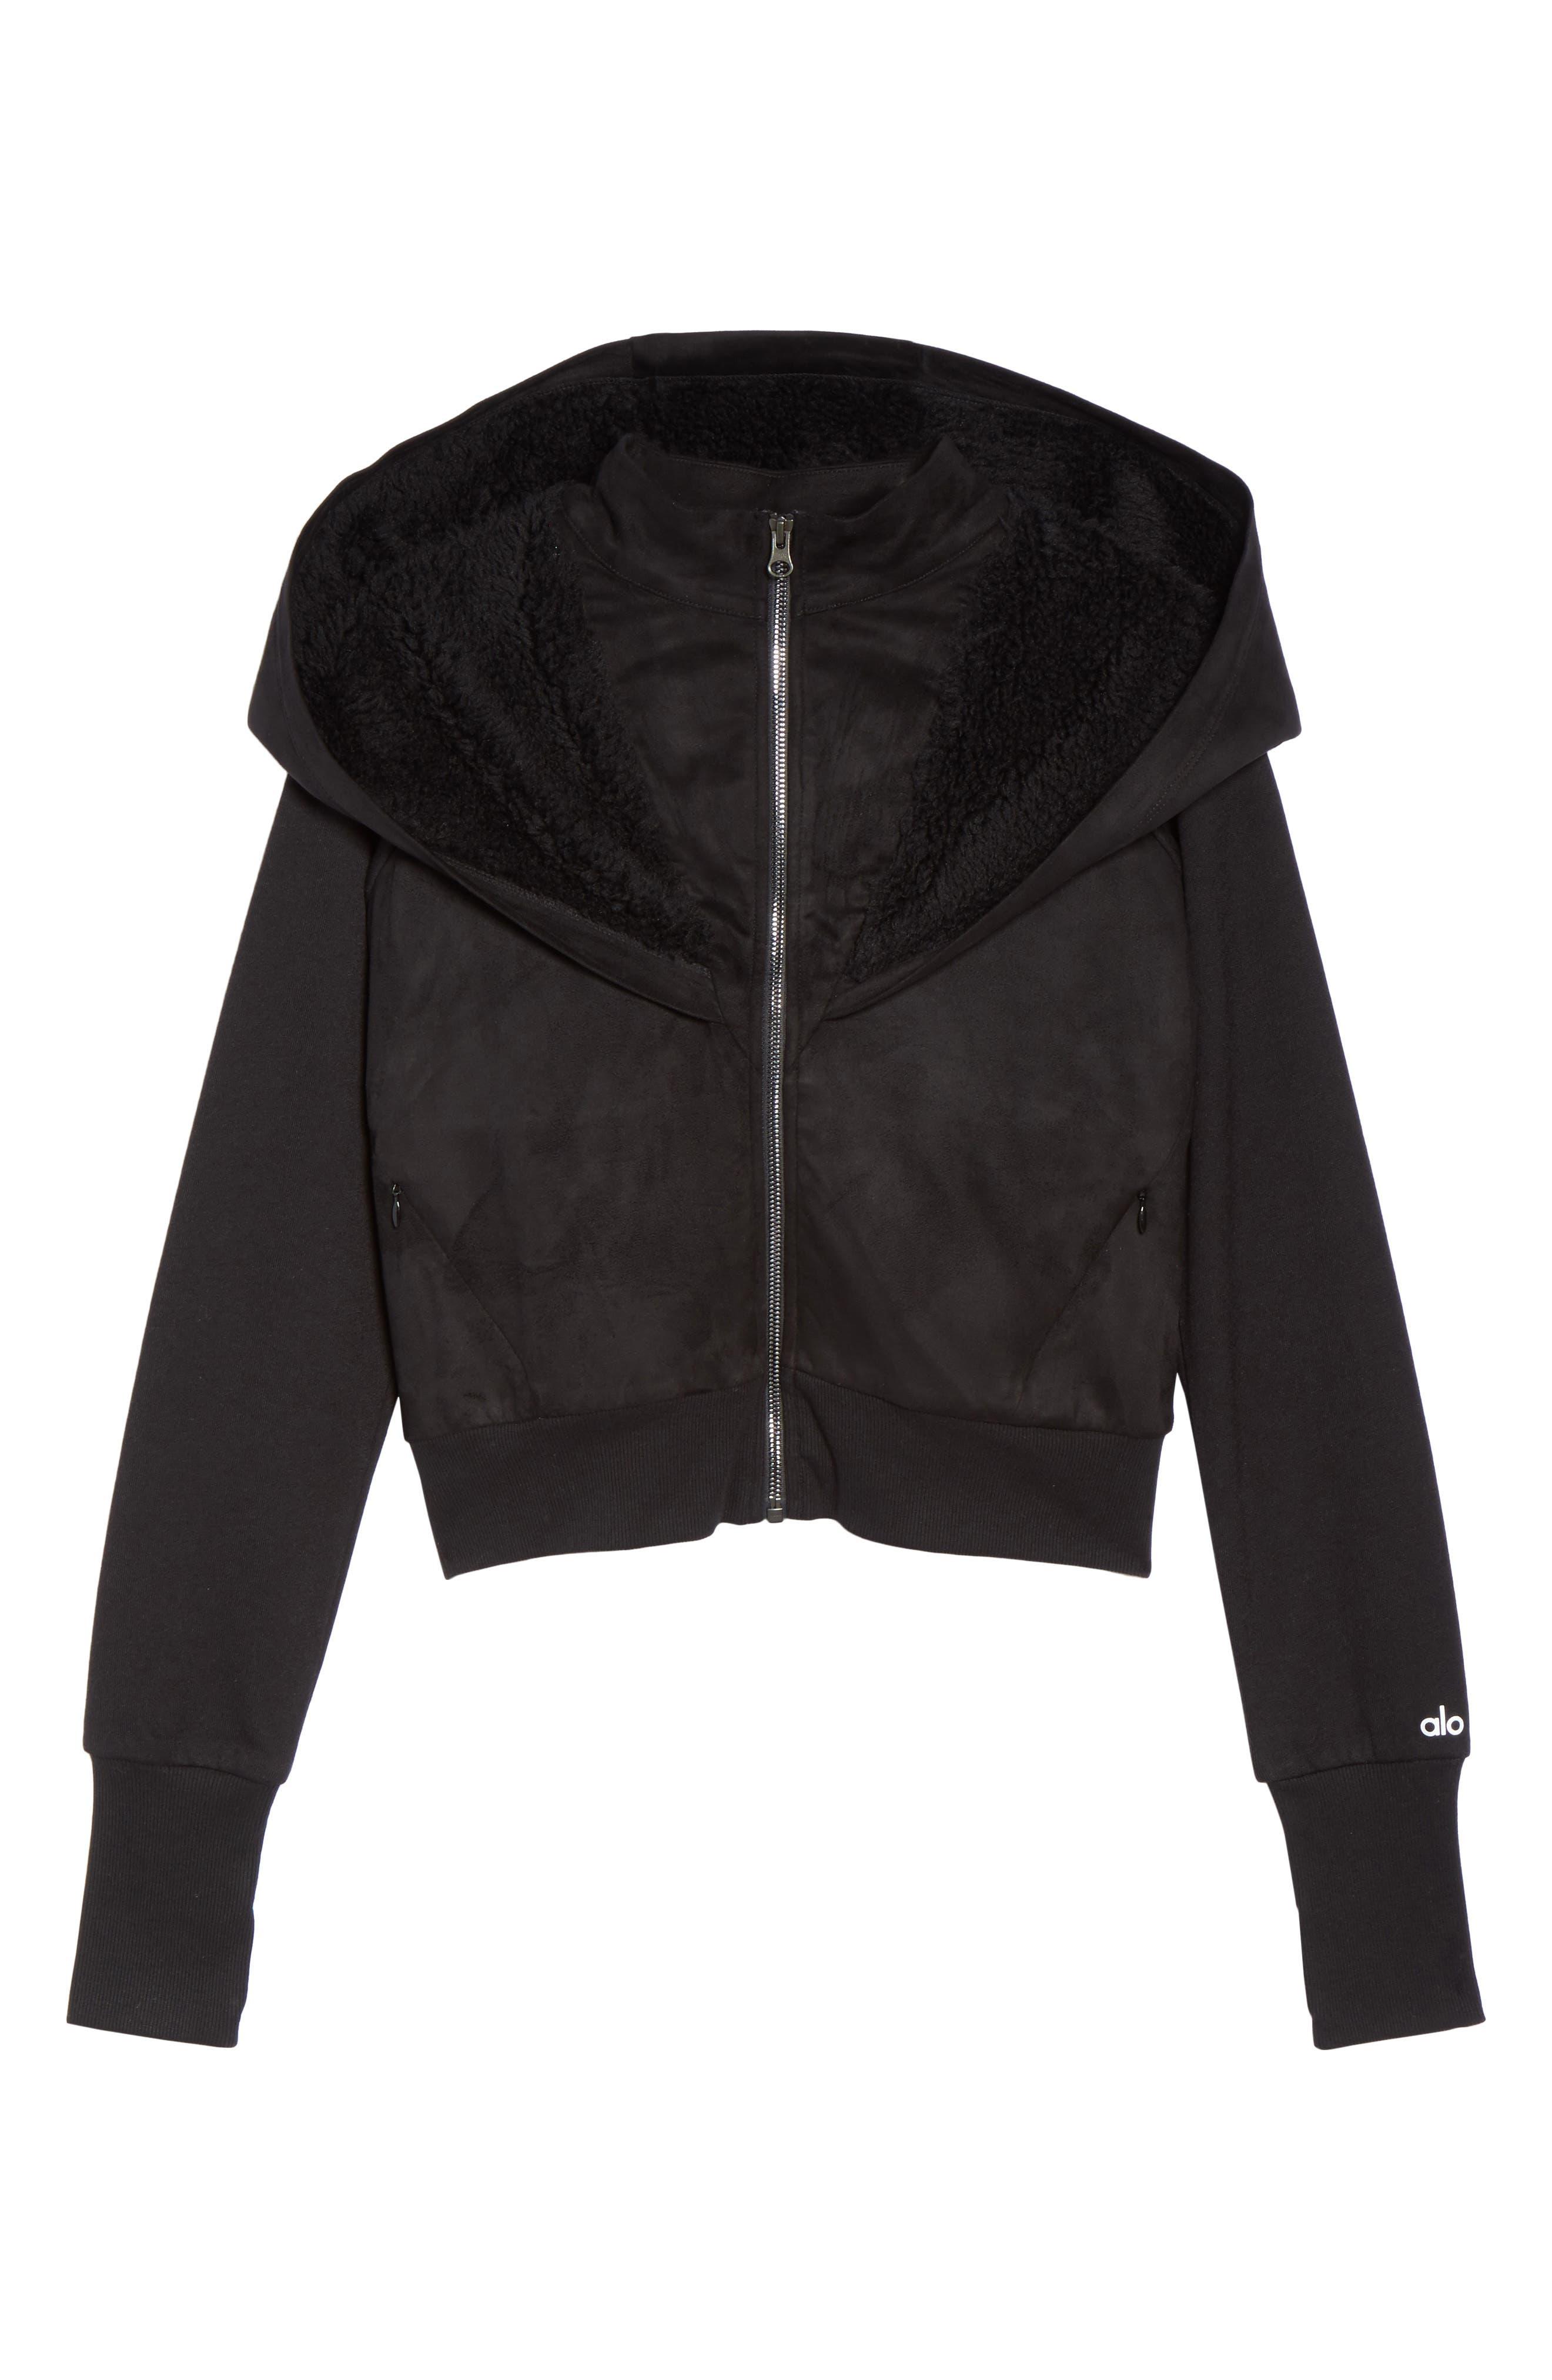 LA Winter Faux Fur Lined Jacket,                             Alternate thumbnail 7, color,                             Black